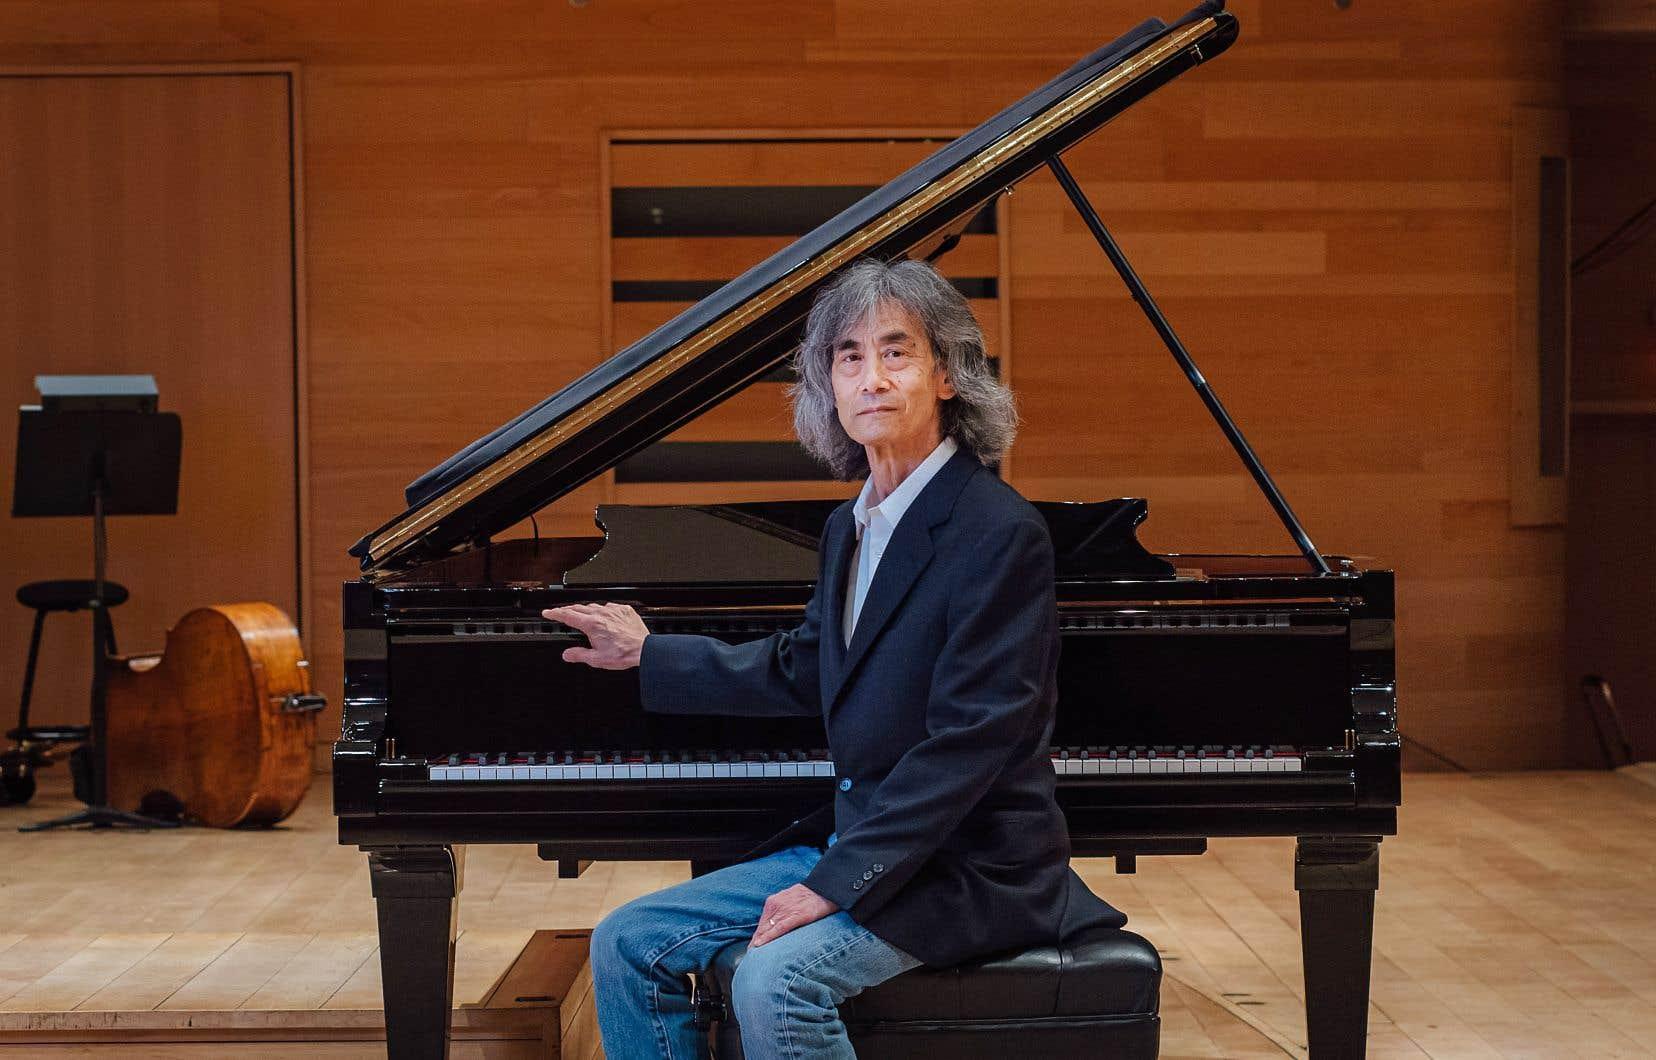 Le troisième et dernier concert webdiffusé de Kent Nagano à l'OSM repose sur la symbolique forte de l'adieu et du renouveau.